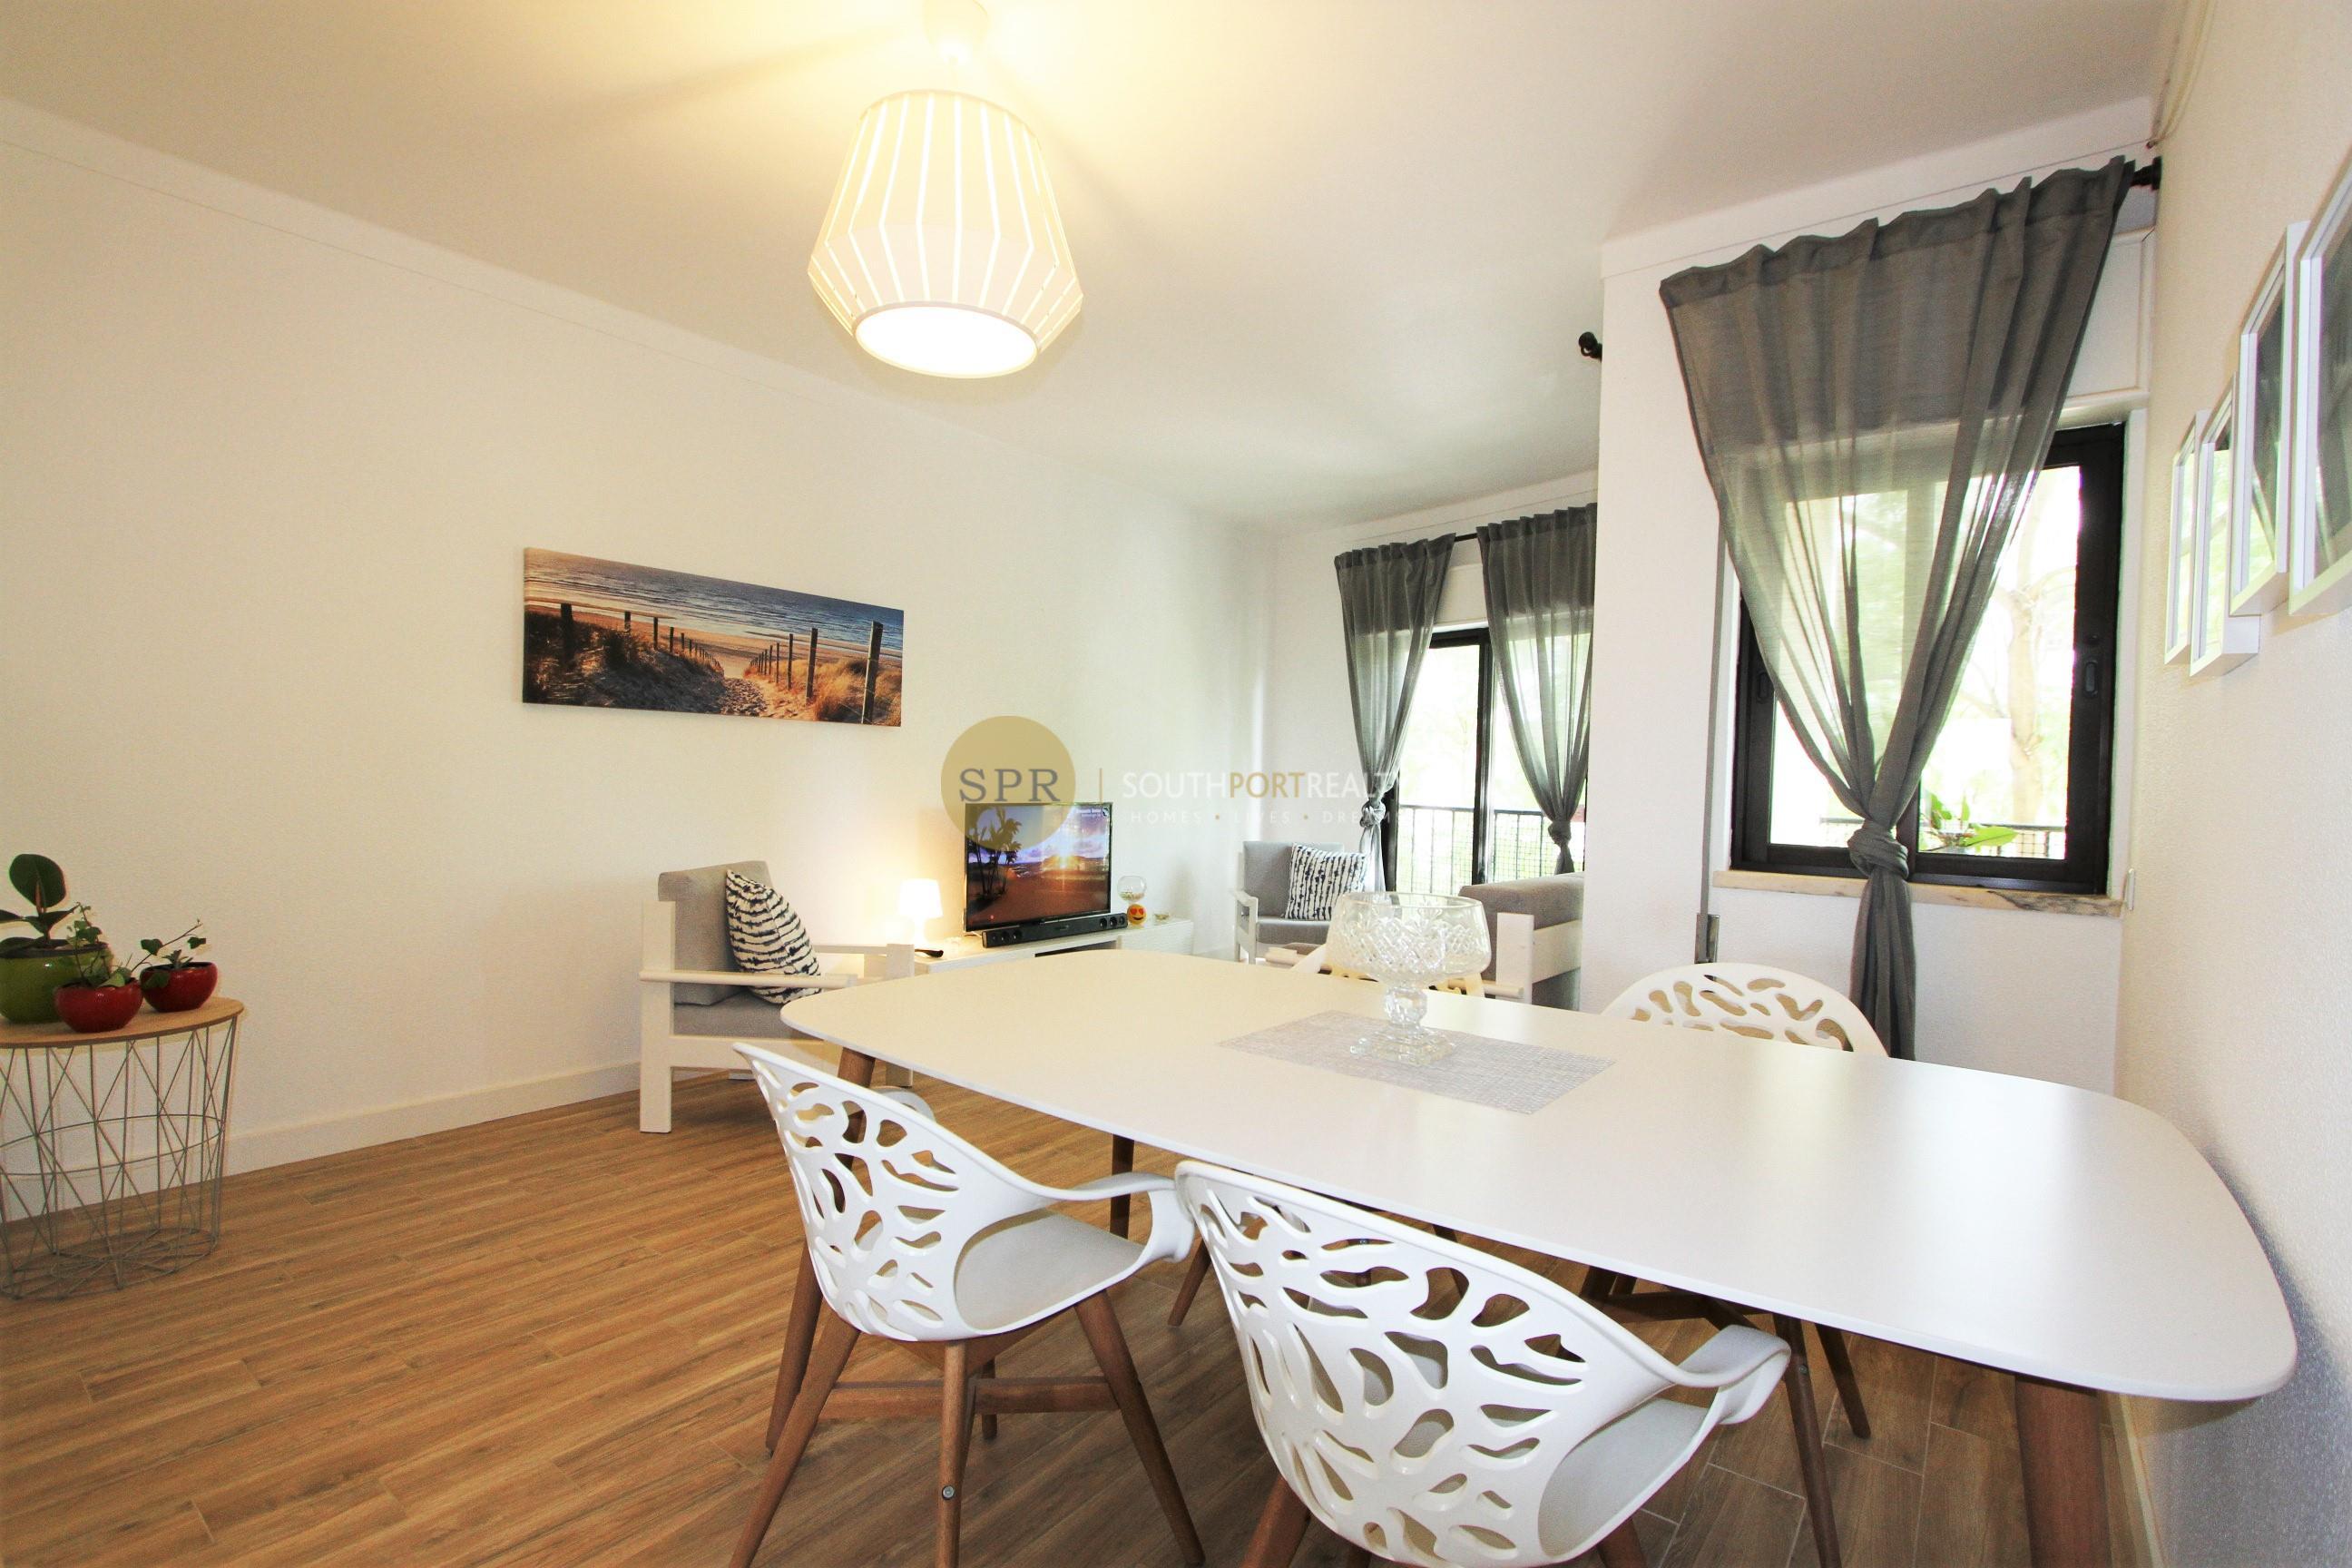 Excelente apartamento T2 em Alvor